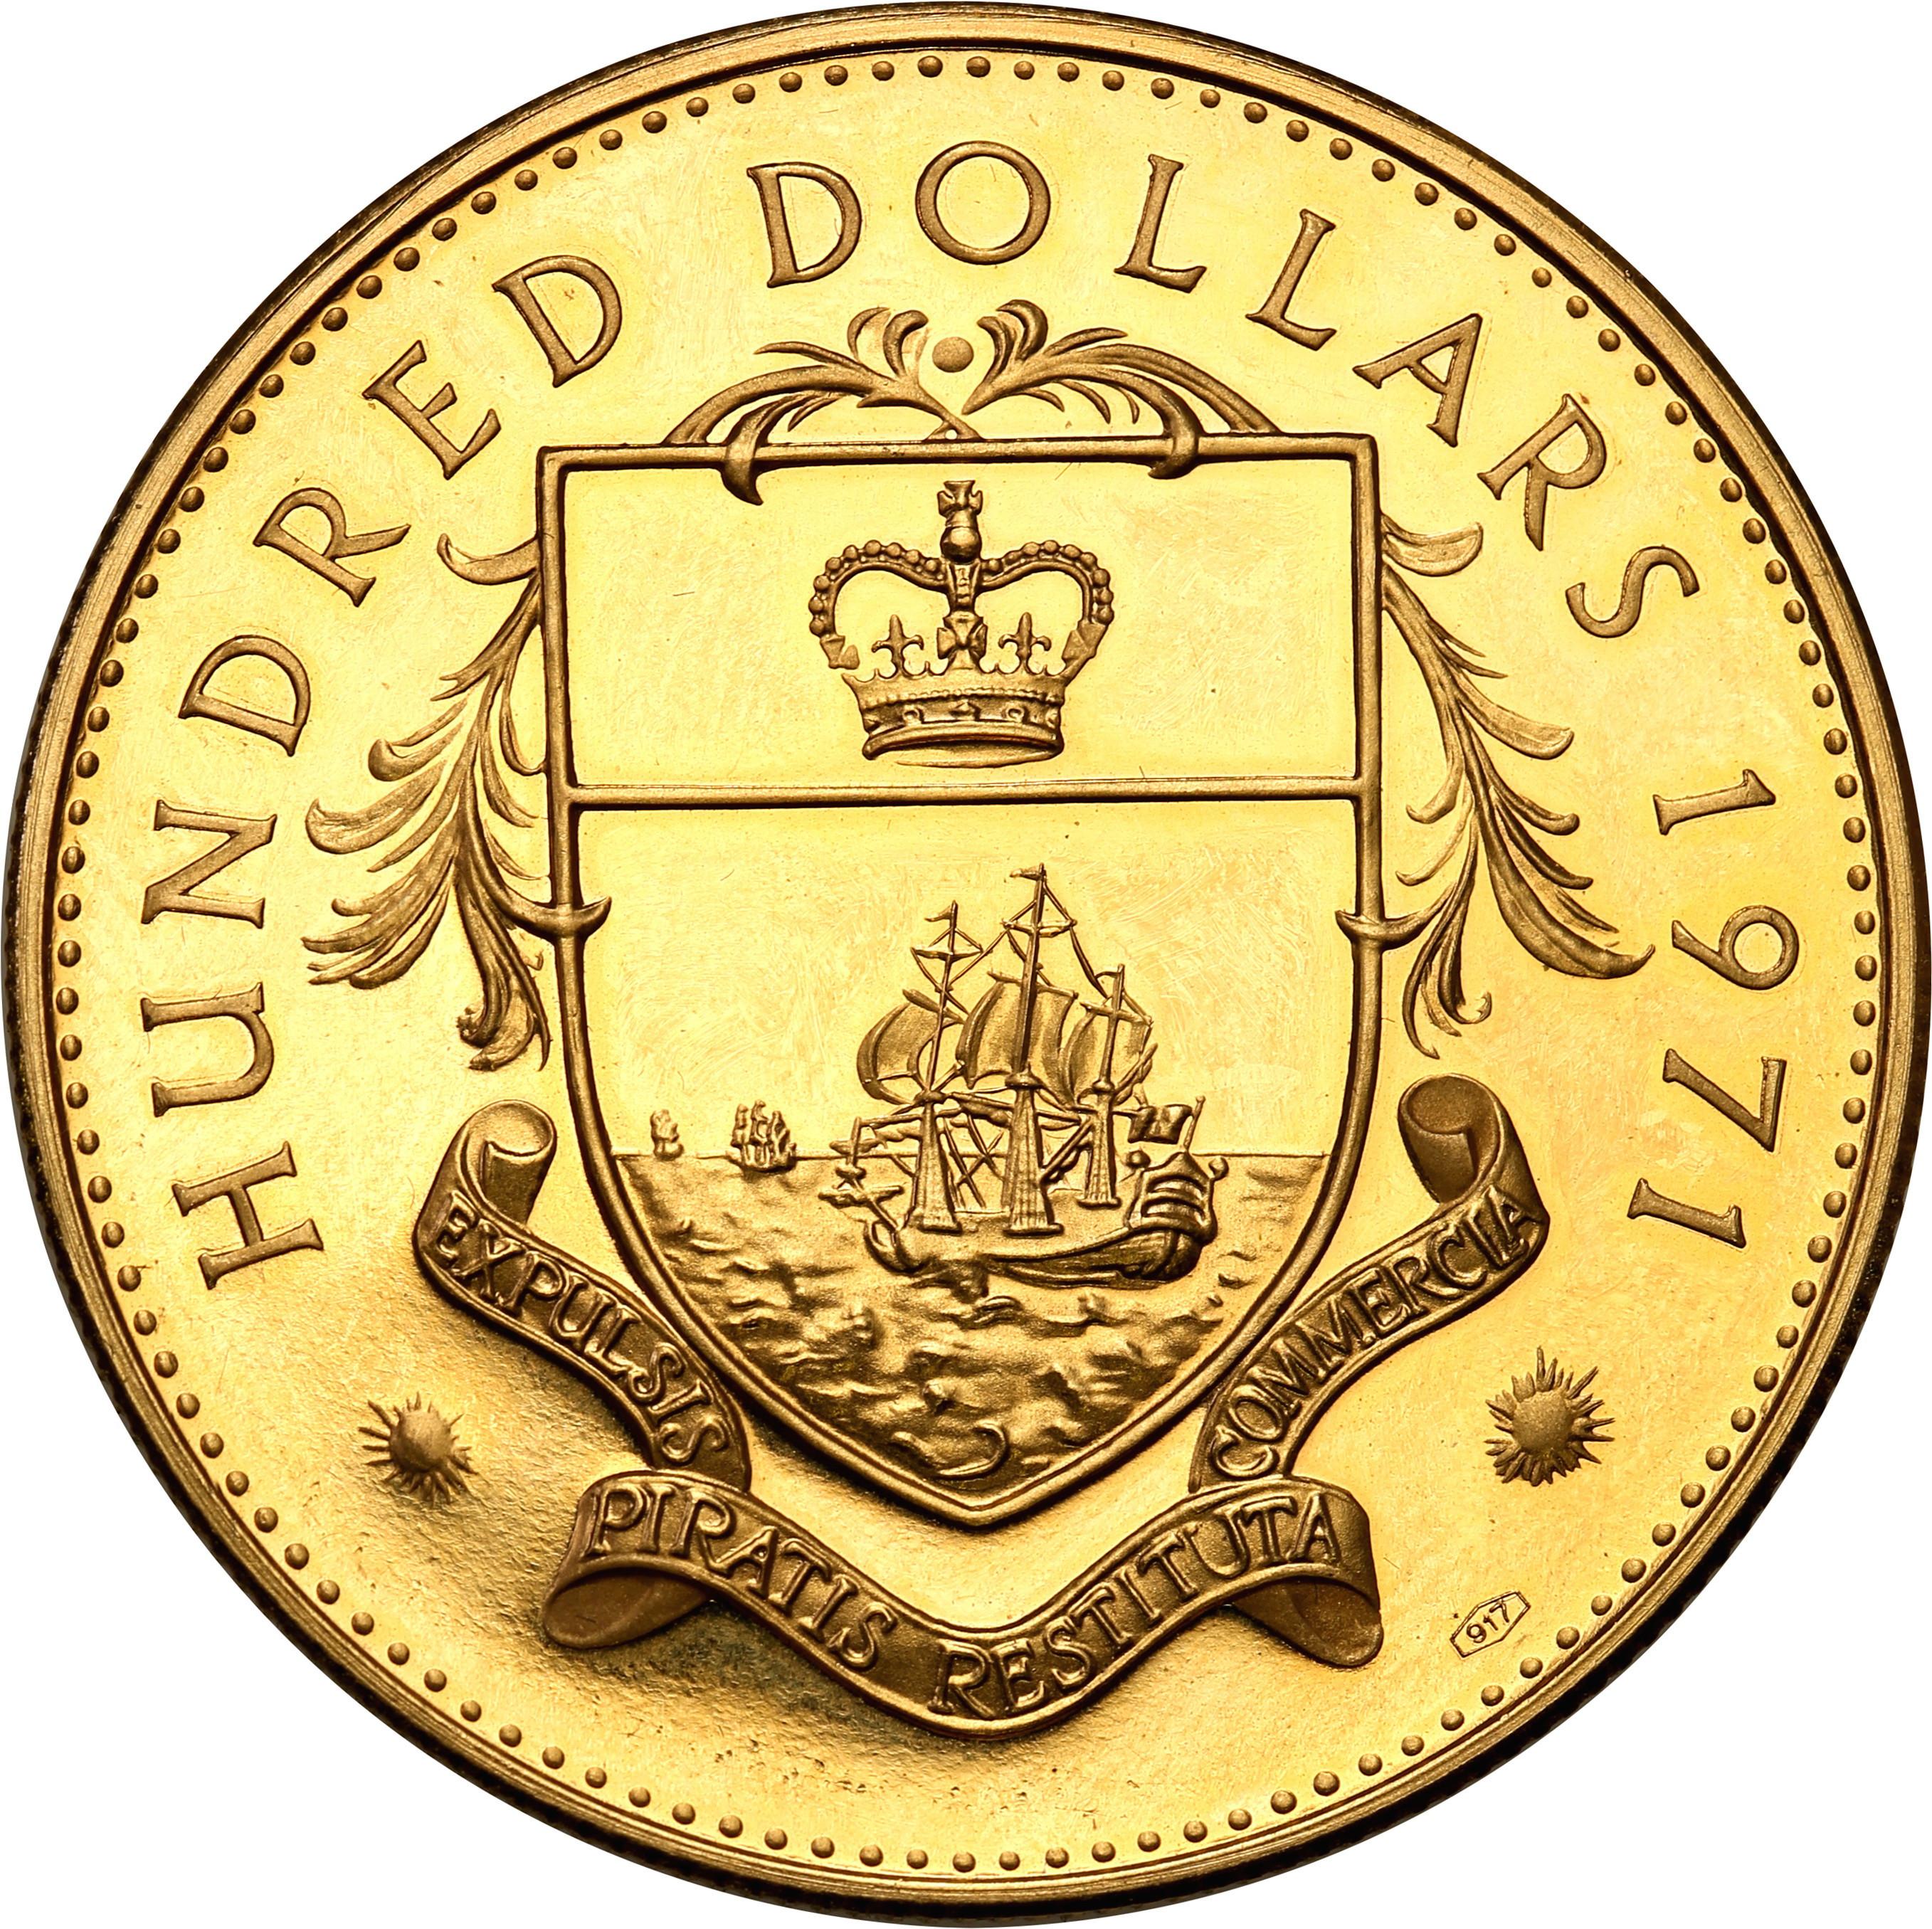 Bahamas. Eliżbieta II. 100 dolarów 1971 st.1/1-